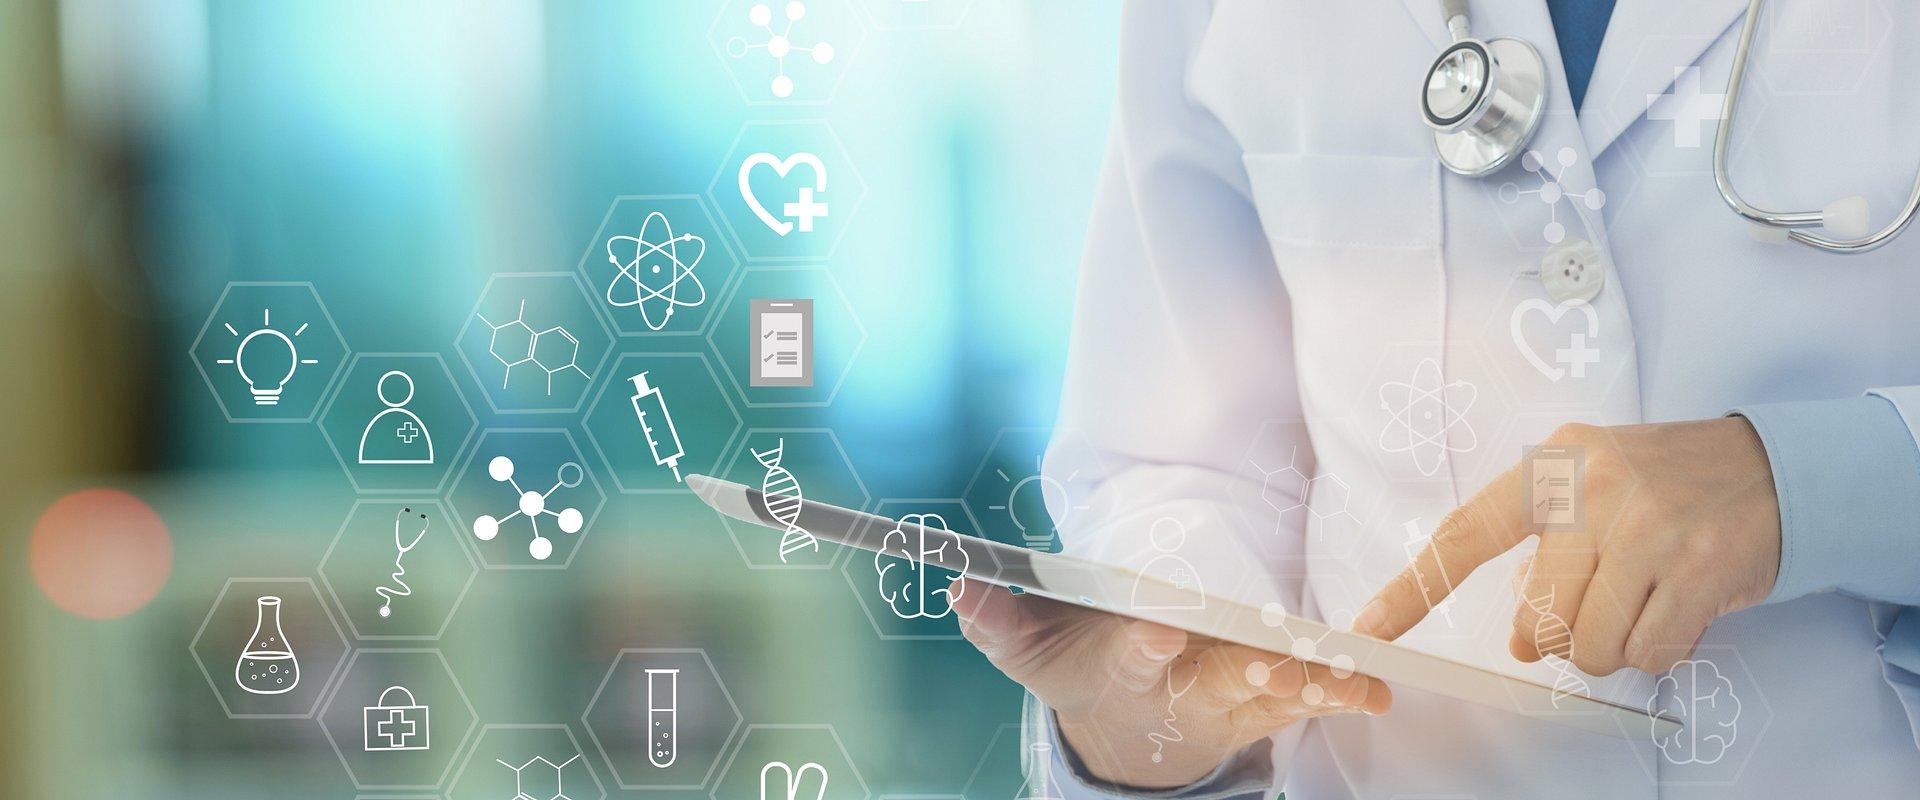 Innowacje medyczne skracają kolejki do lekarzy i poprawiają jakość świadczeń. Obniżają także koszty opieki medycznej